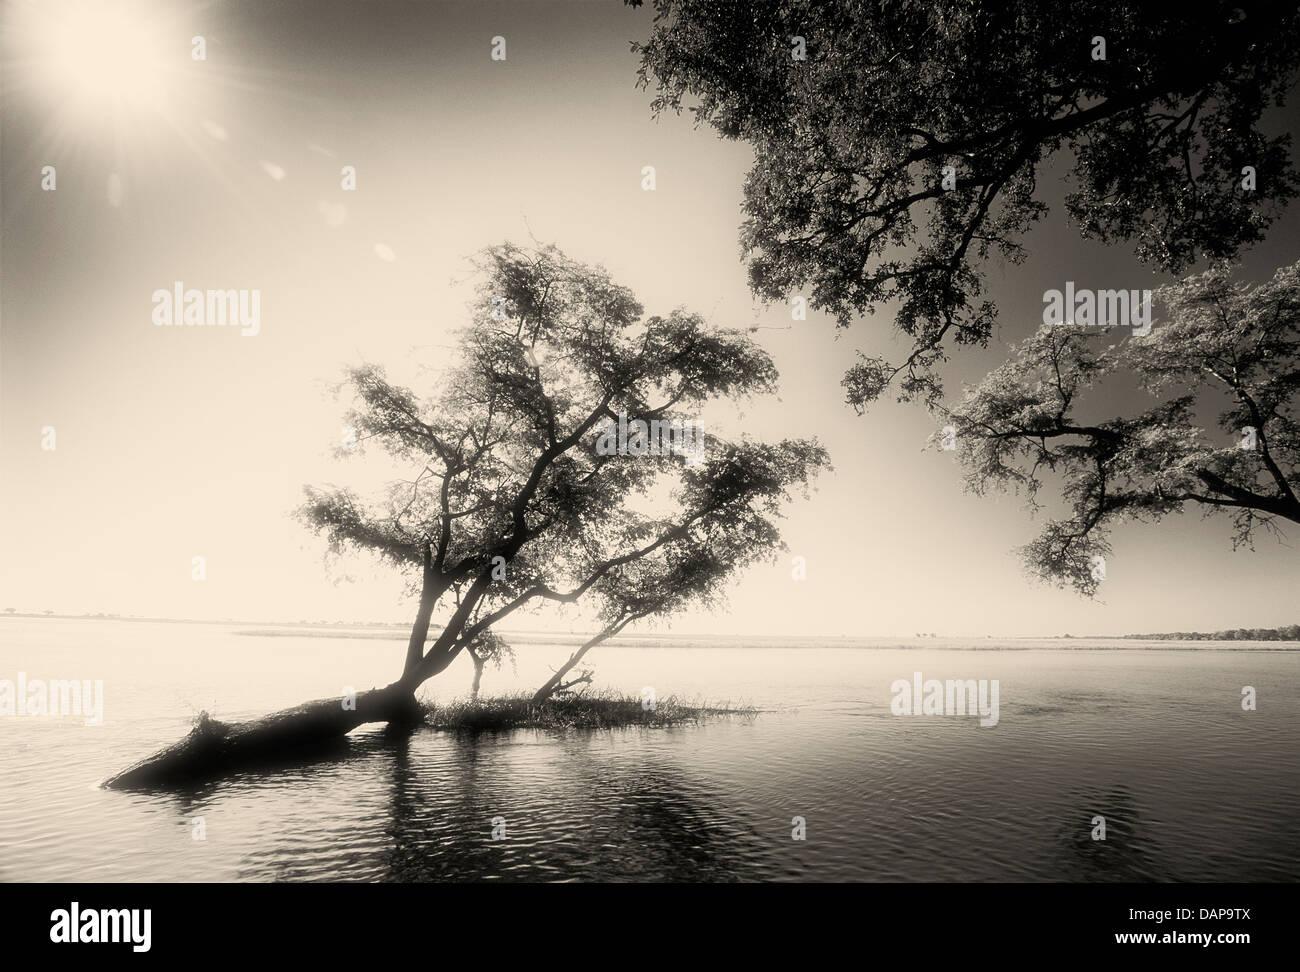 Una escena con retroiluminación B/W en el río Chobe inundadas. Imagen De Stock